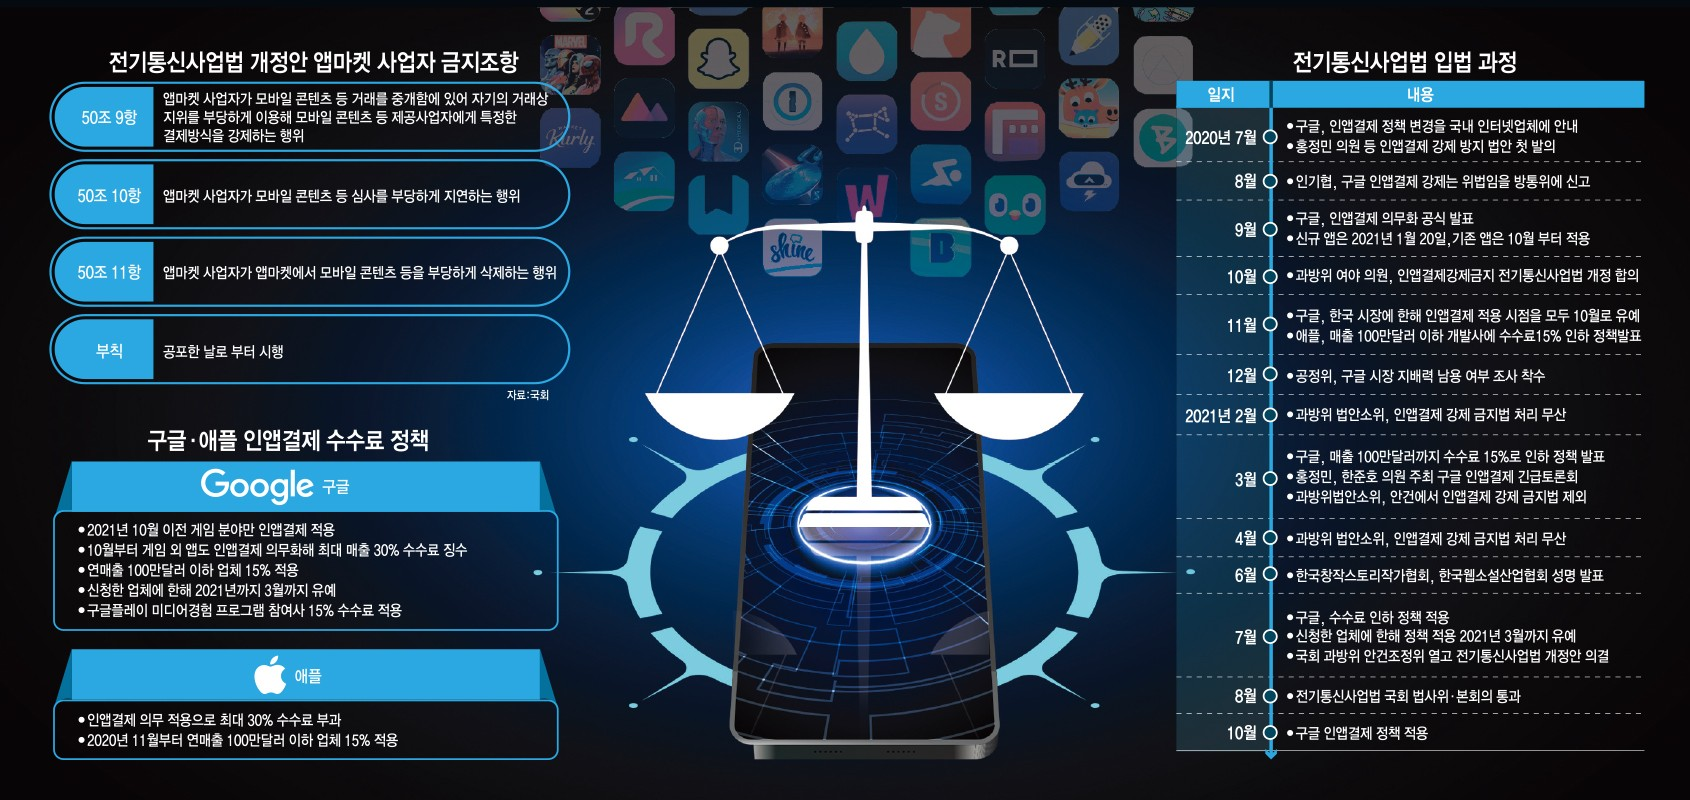 [이슈분석]'인앱결제 강제 금지'…한국, 글로벌 빅테크 규제 한 획